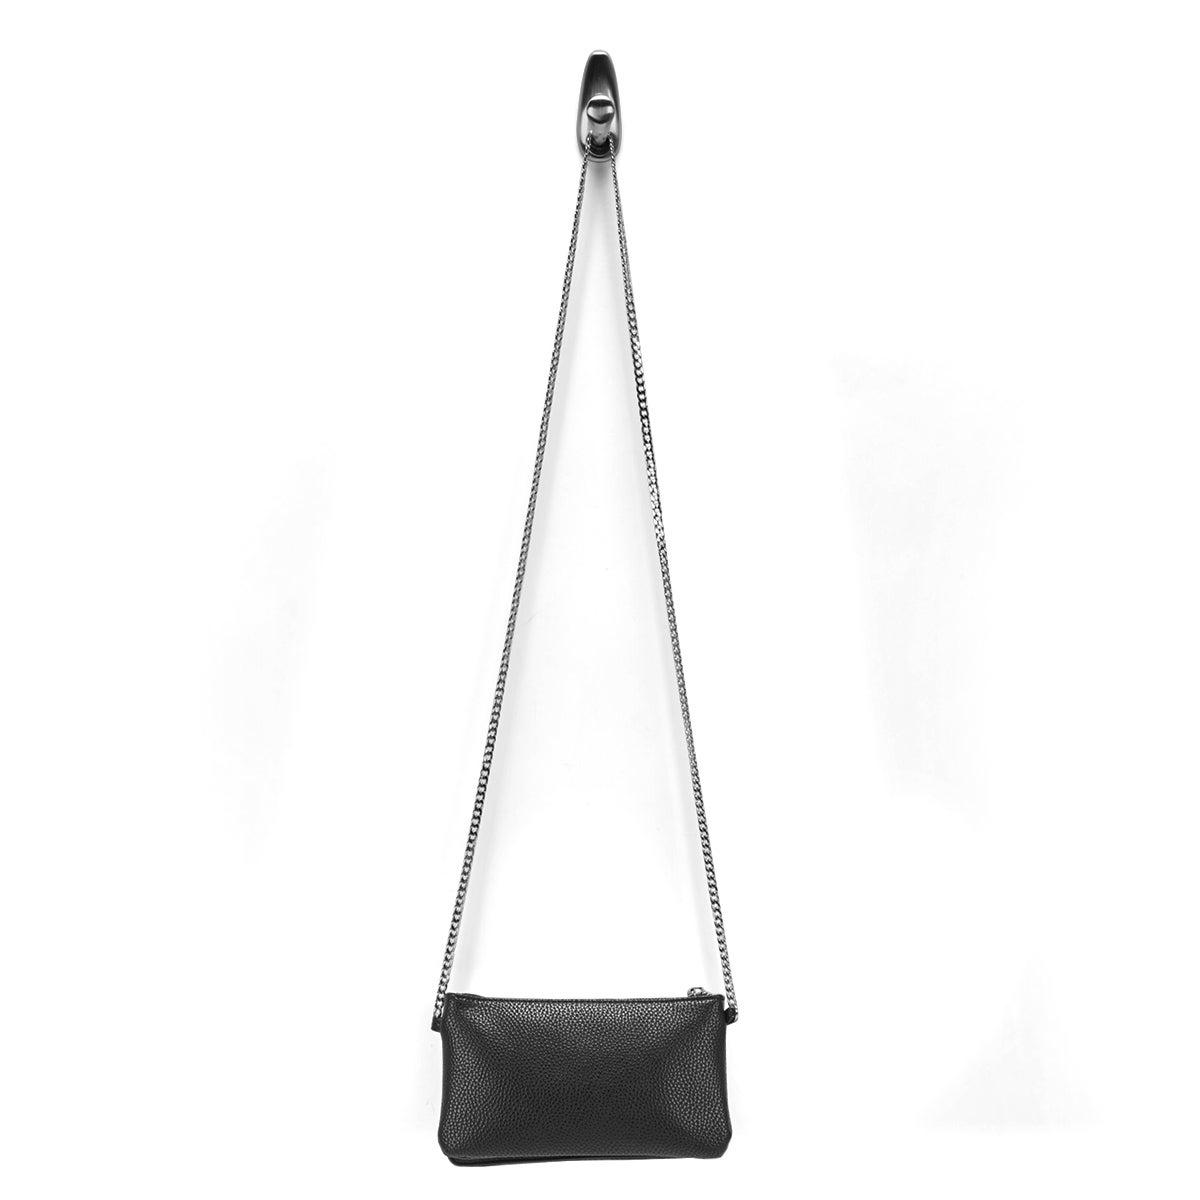 Lds Roots73 blk mini shoulder bag